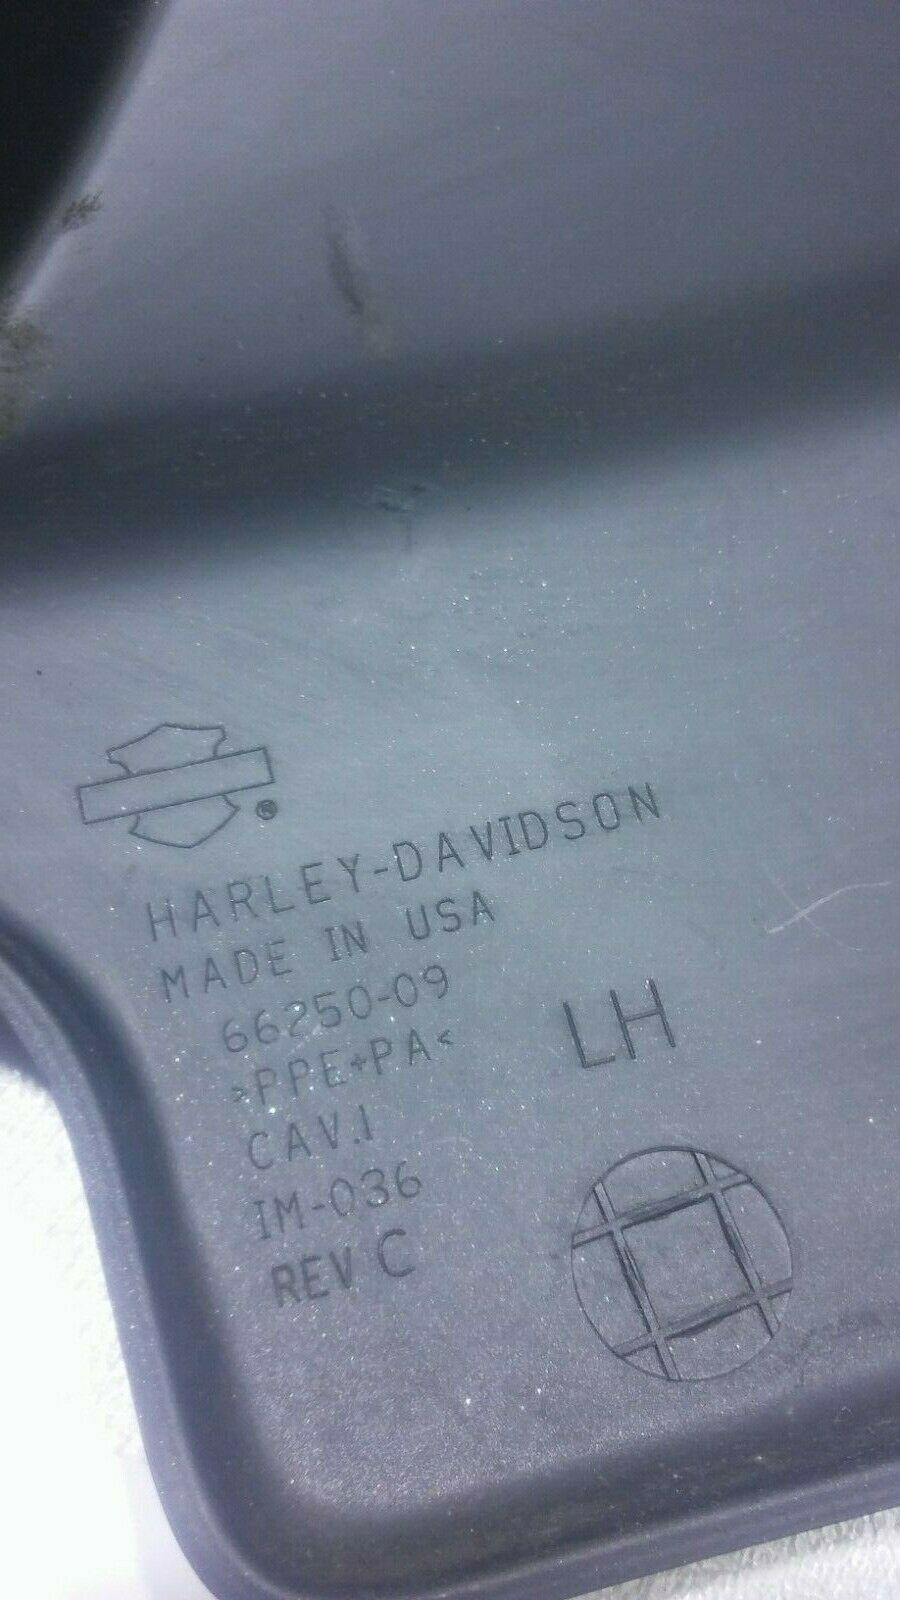 2017 Harley Davidson STREET GLIDE FLXH Side Cover LEFT 66250-09 OEM  image 6